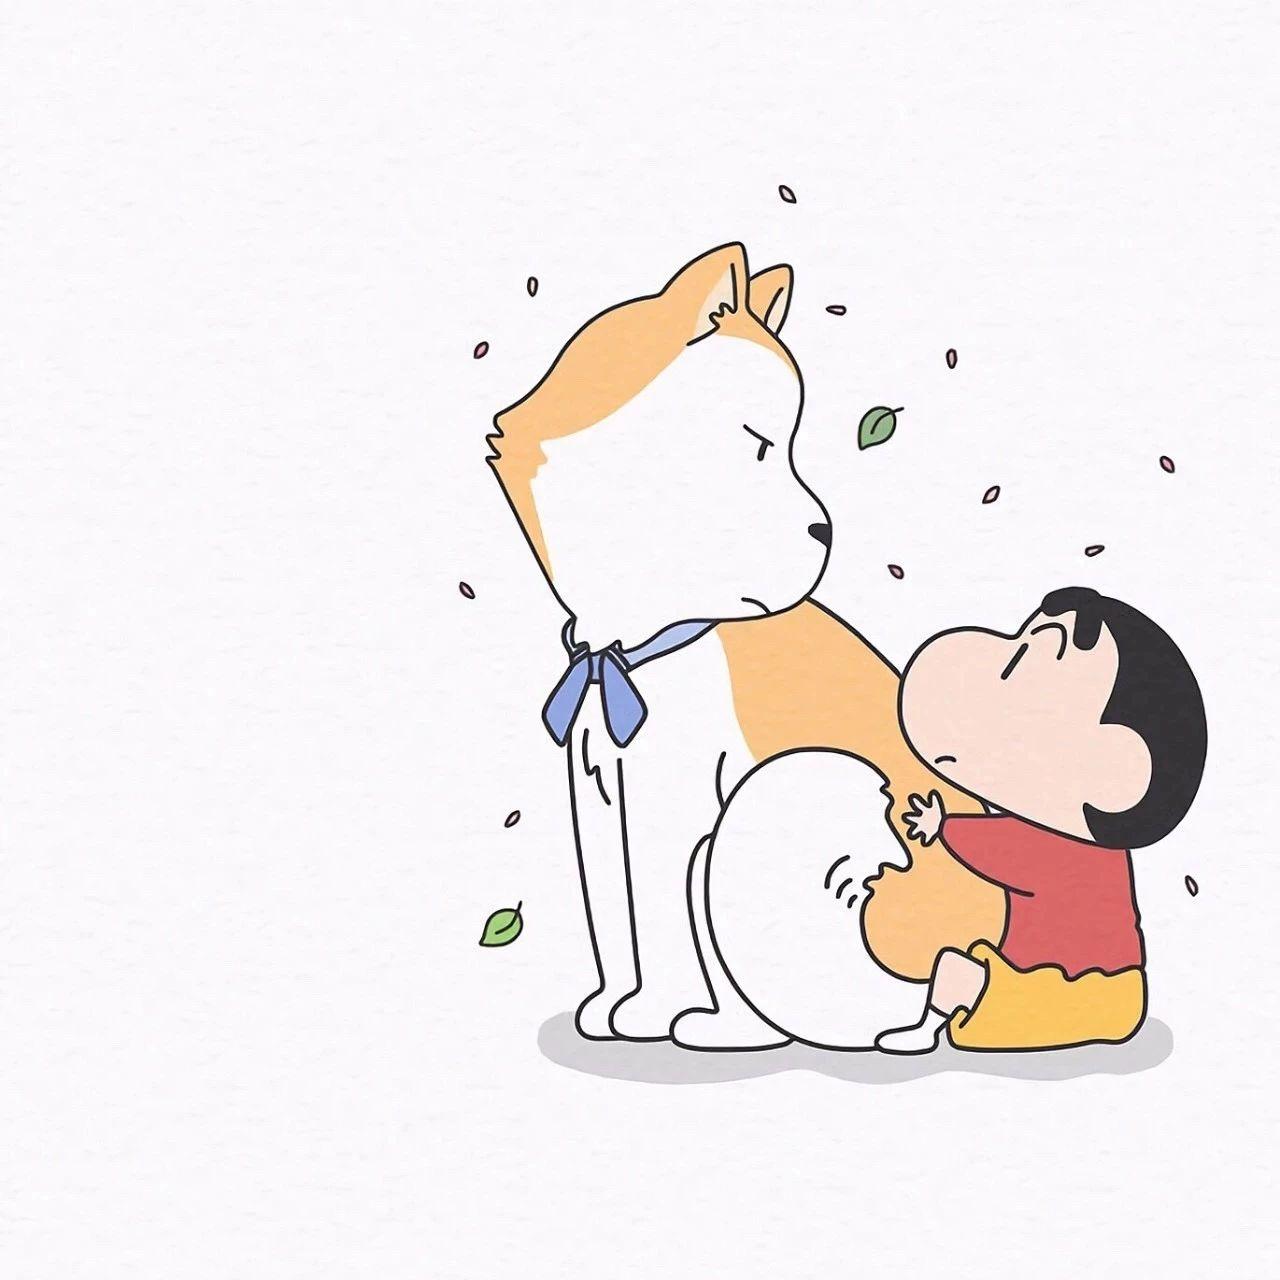 朋友圈封面图:个性搞怪,哪一张最喜欢你?插图1